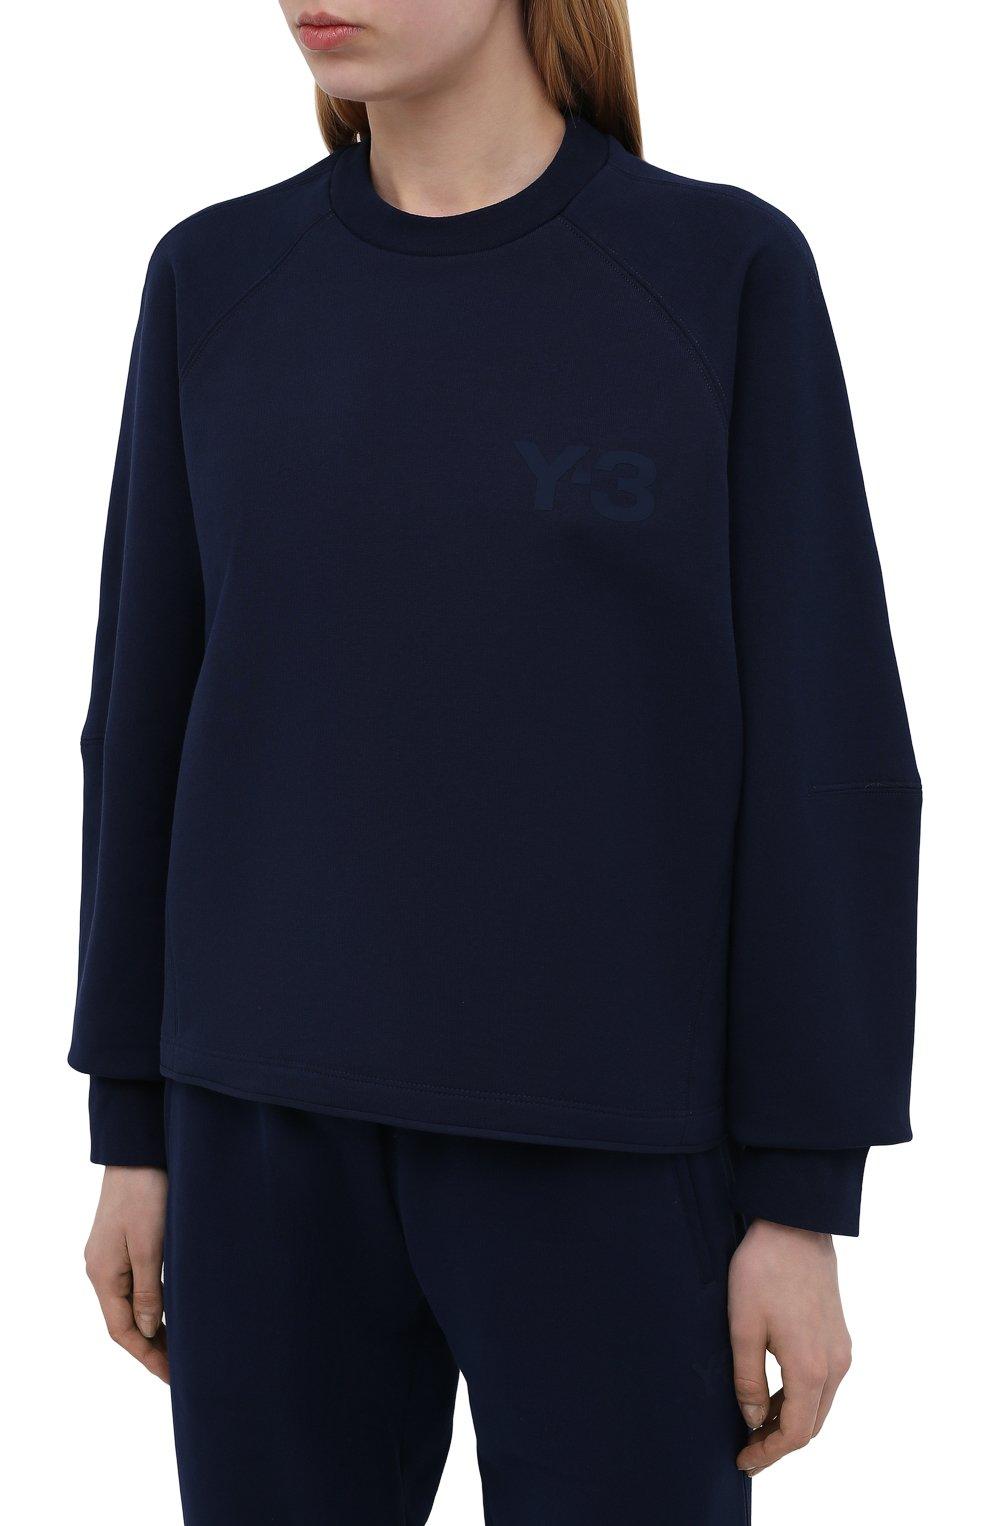 Женский свитшот Y-3 темно-синего цвета, арт. GV0339/W | Фото 3 (Рукава: Длинные; Длина (для топов): Стандартные; Женское Кросс-КТ: Свитшот-спорт, Свитшот-одежда; Материал внешний: Хлопок; Стили: Спорт-шик)